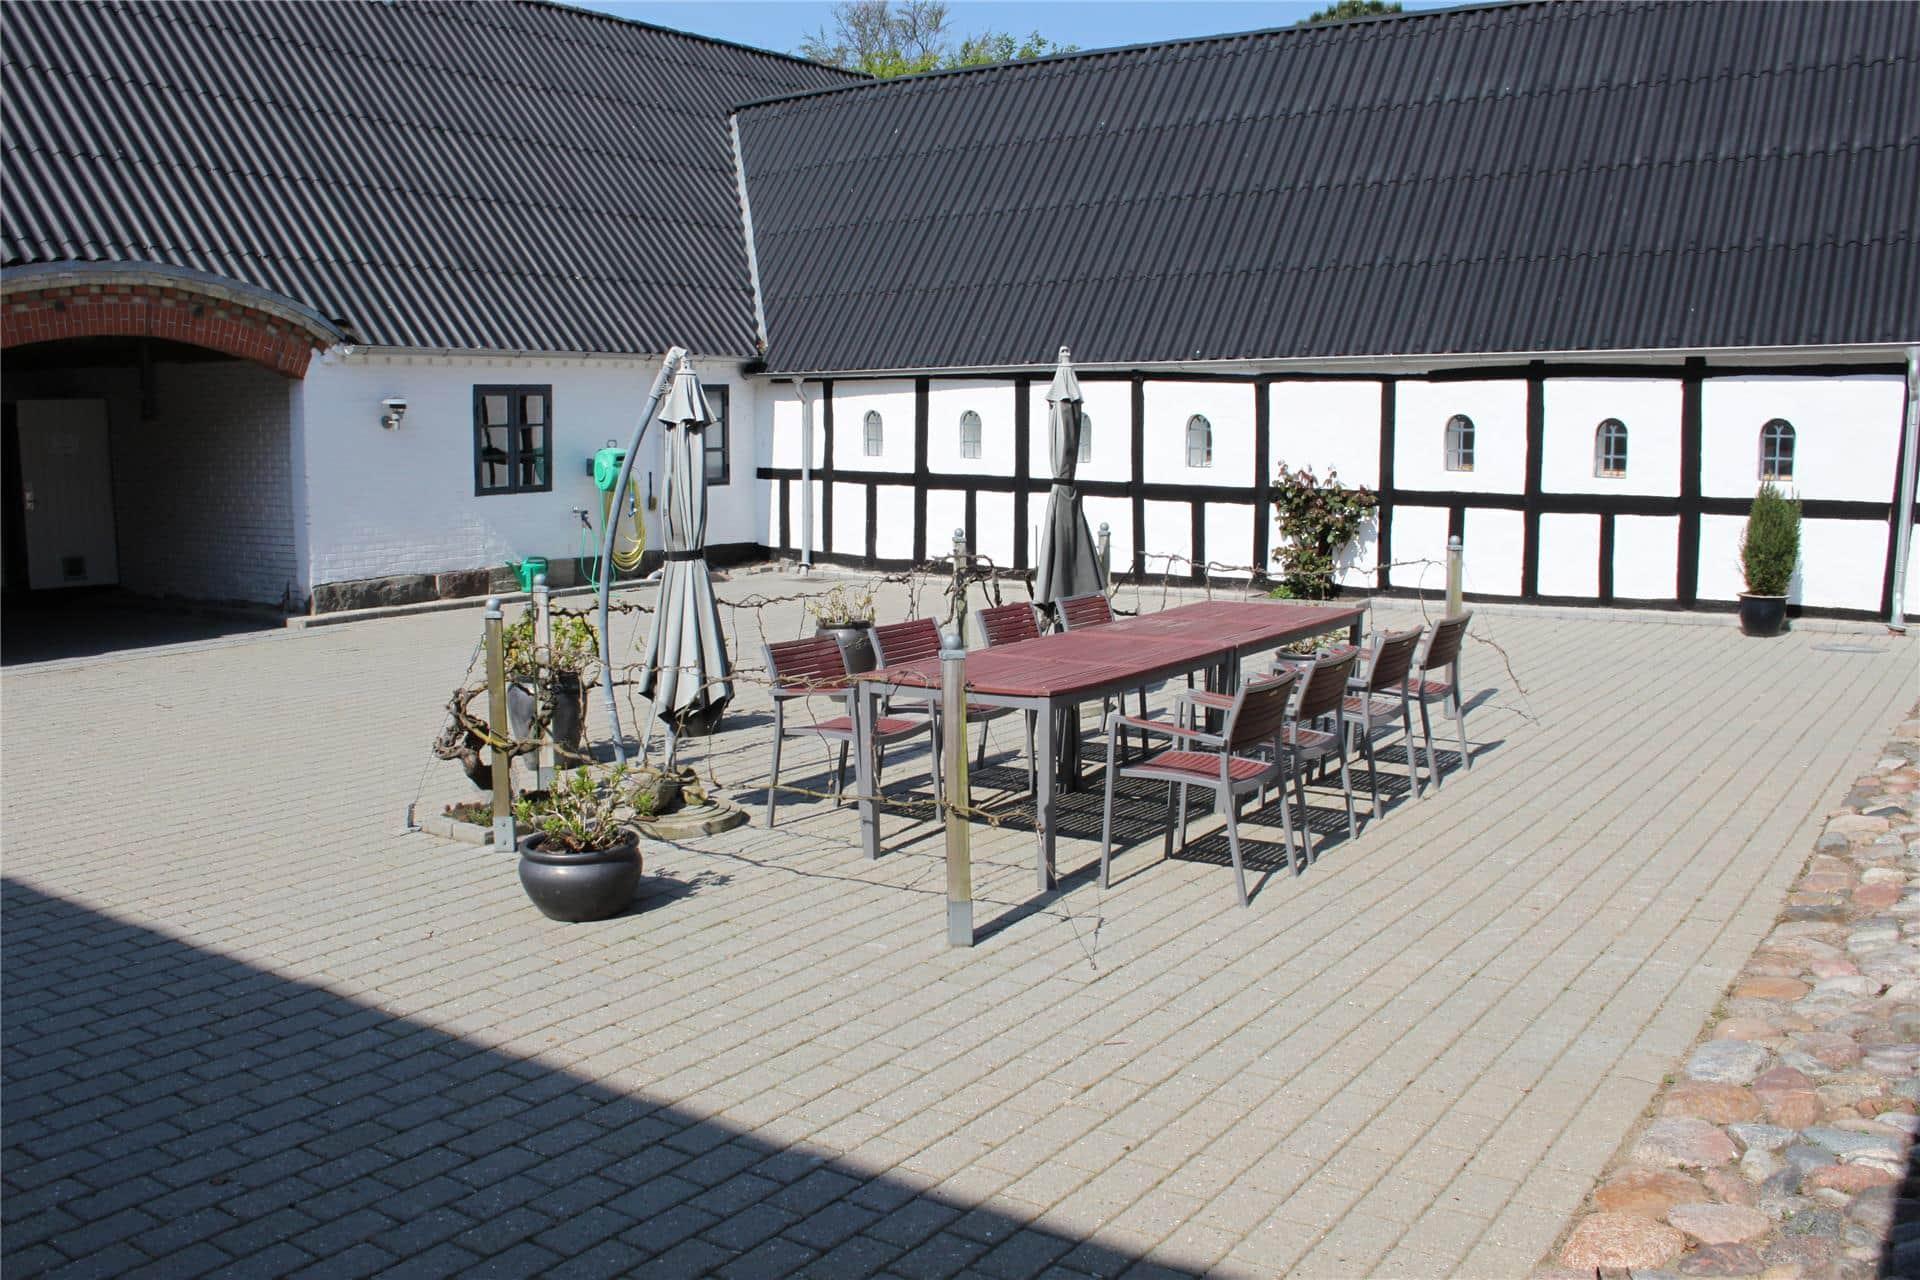 Billede 1-3 Sommerhus M64585, Lundemosen 12, DK - 5450 Otterup